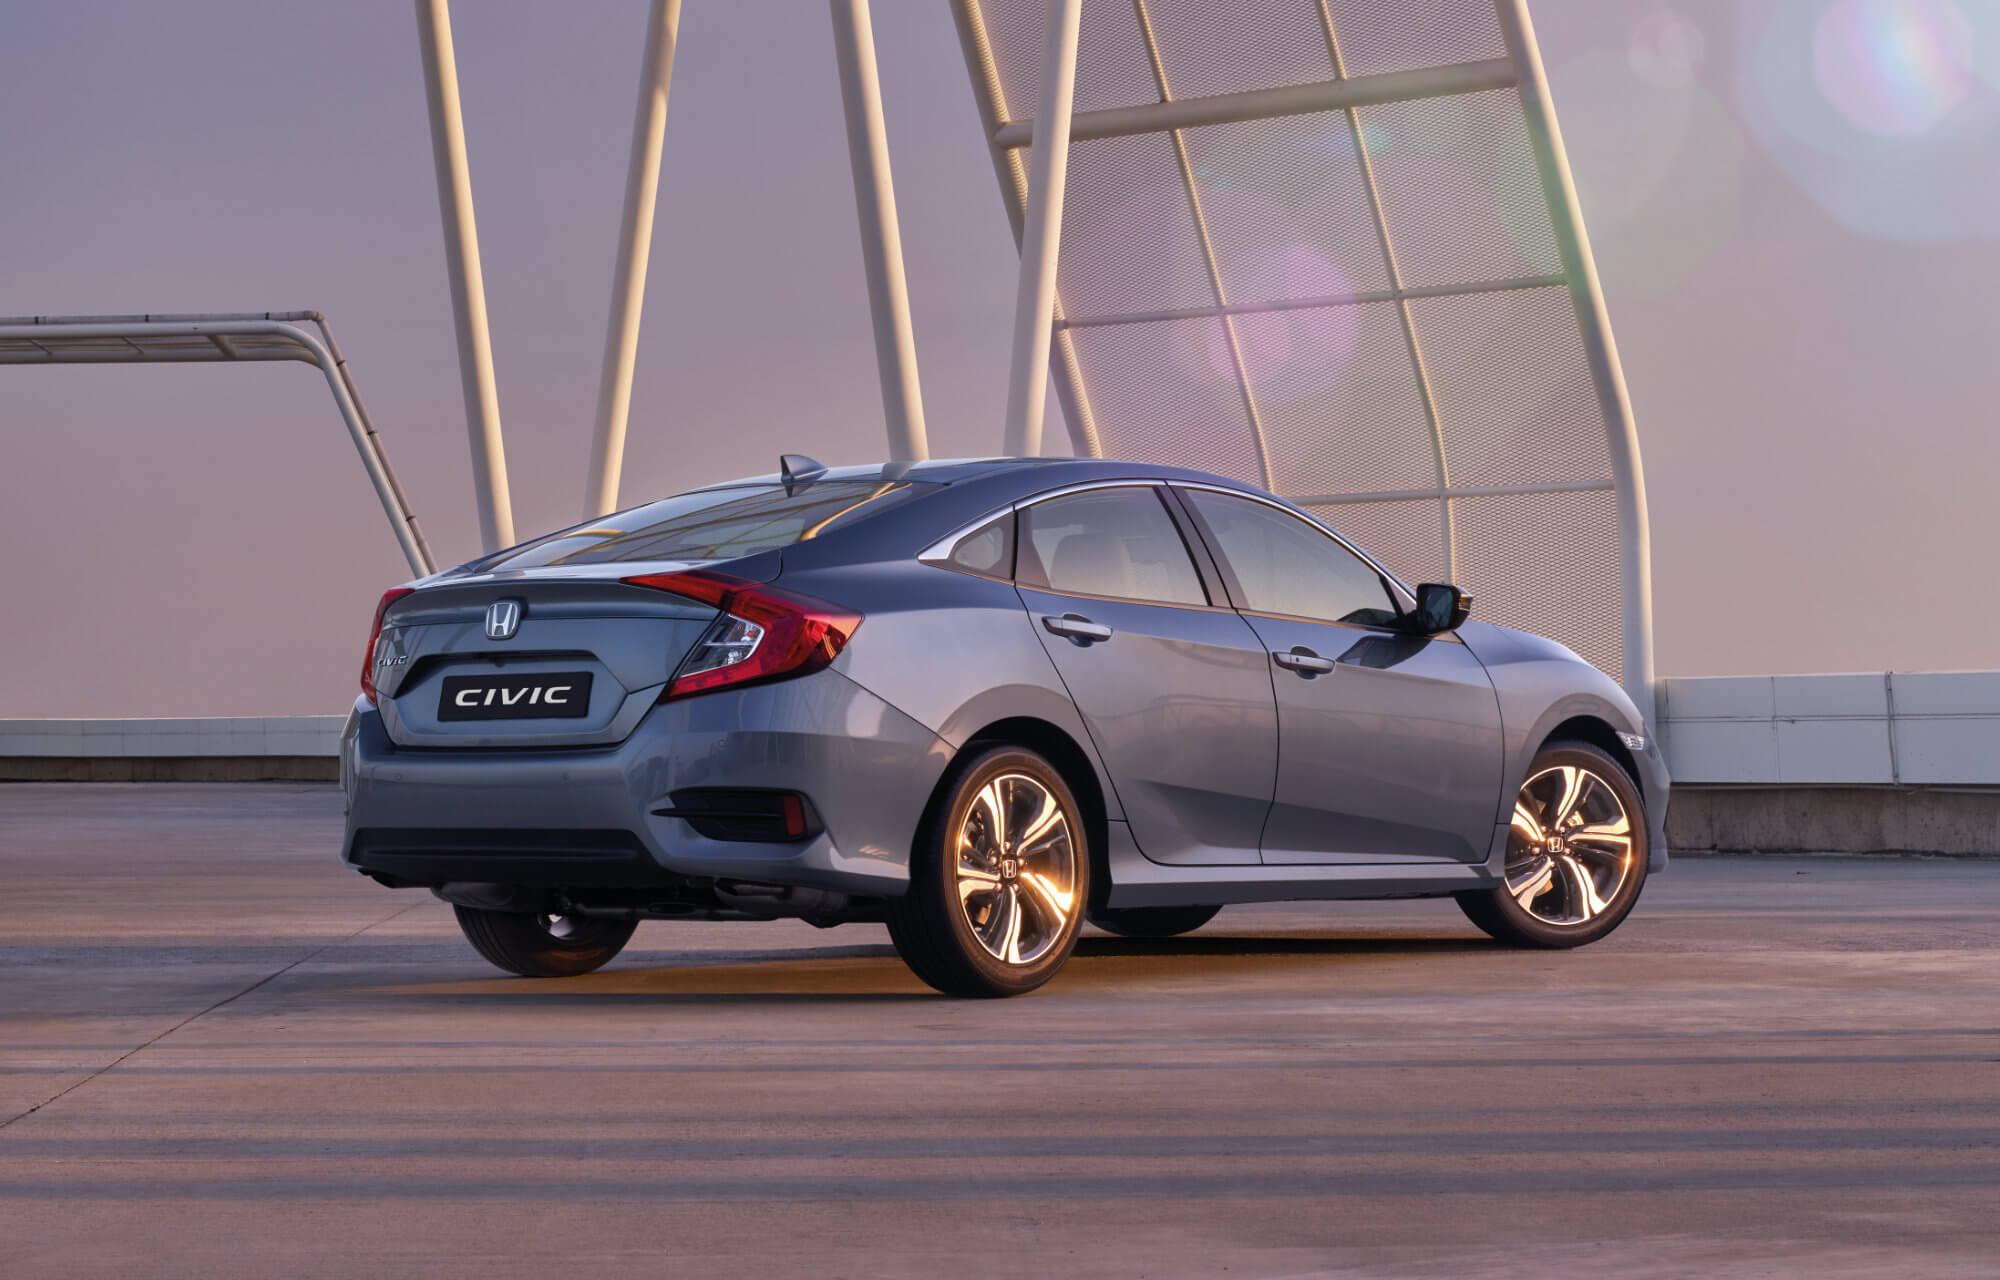 Honda Civic Sedan available at Denis Kinane Motors